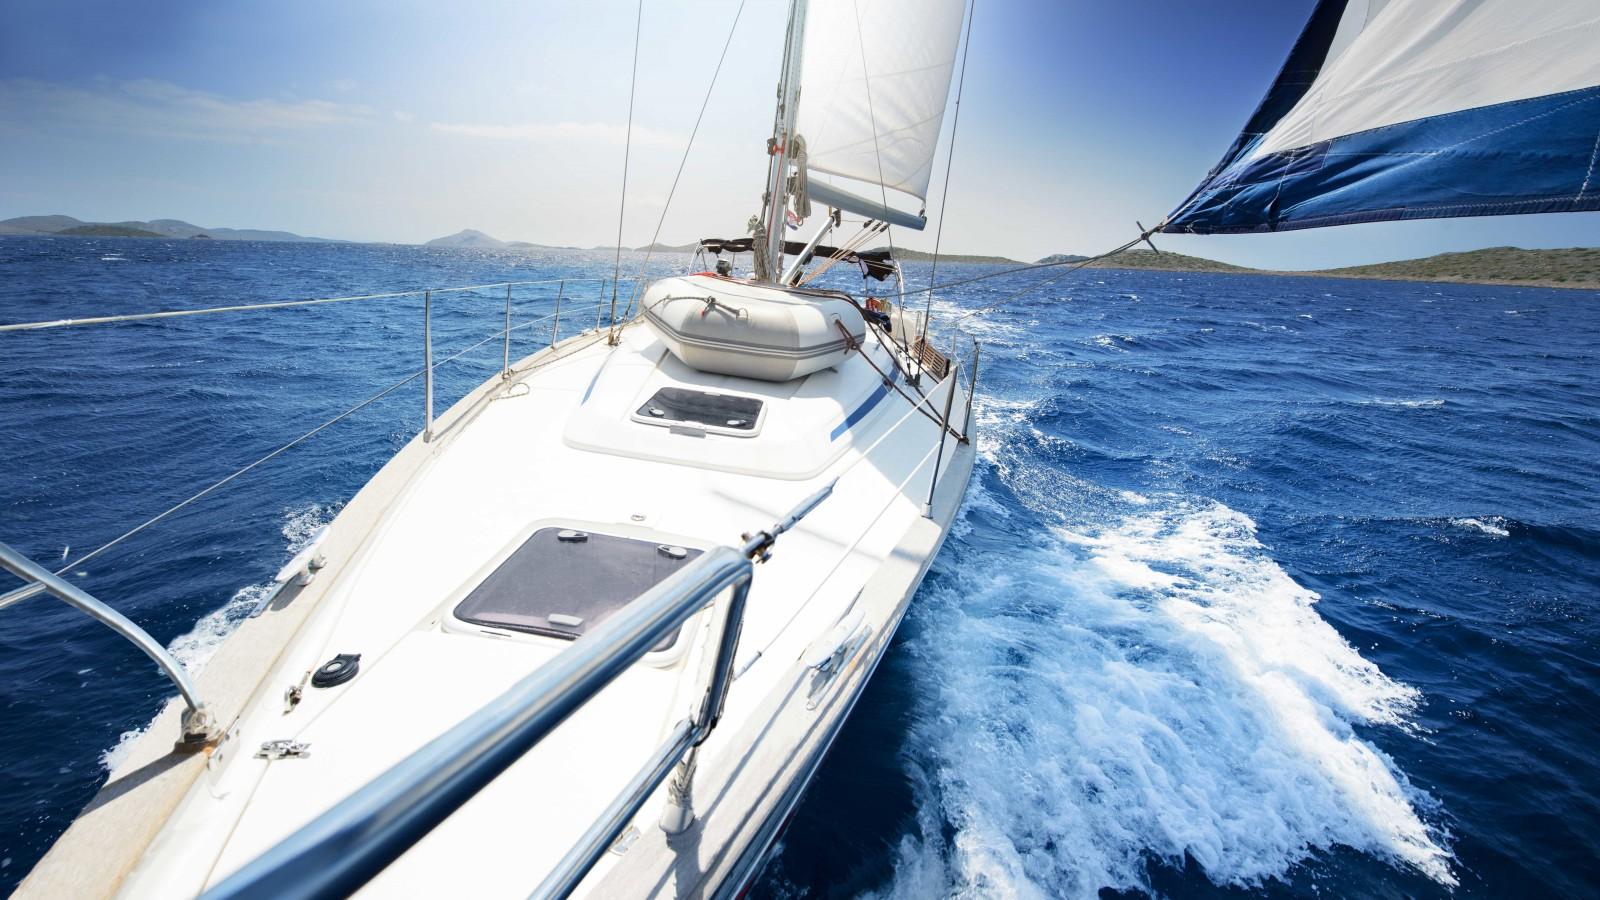 С природной помощью: составляем прогноз погоды перед прогулкой на яхте